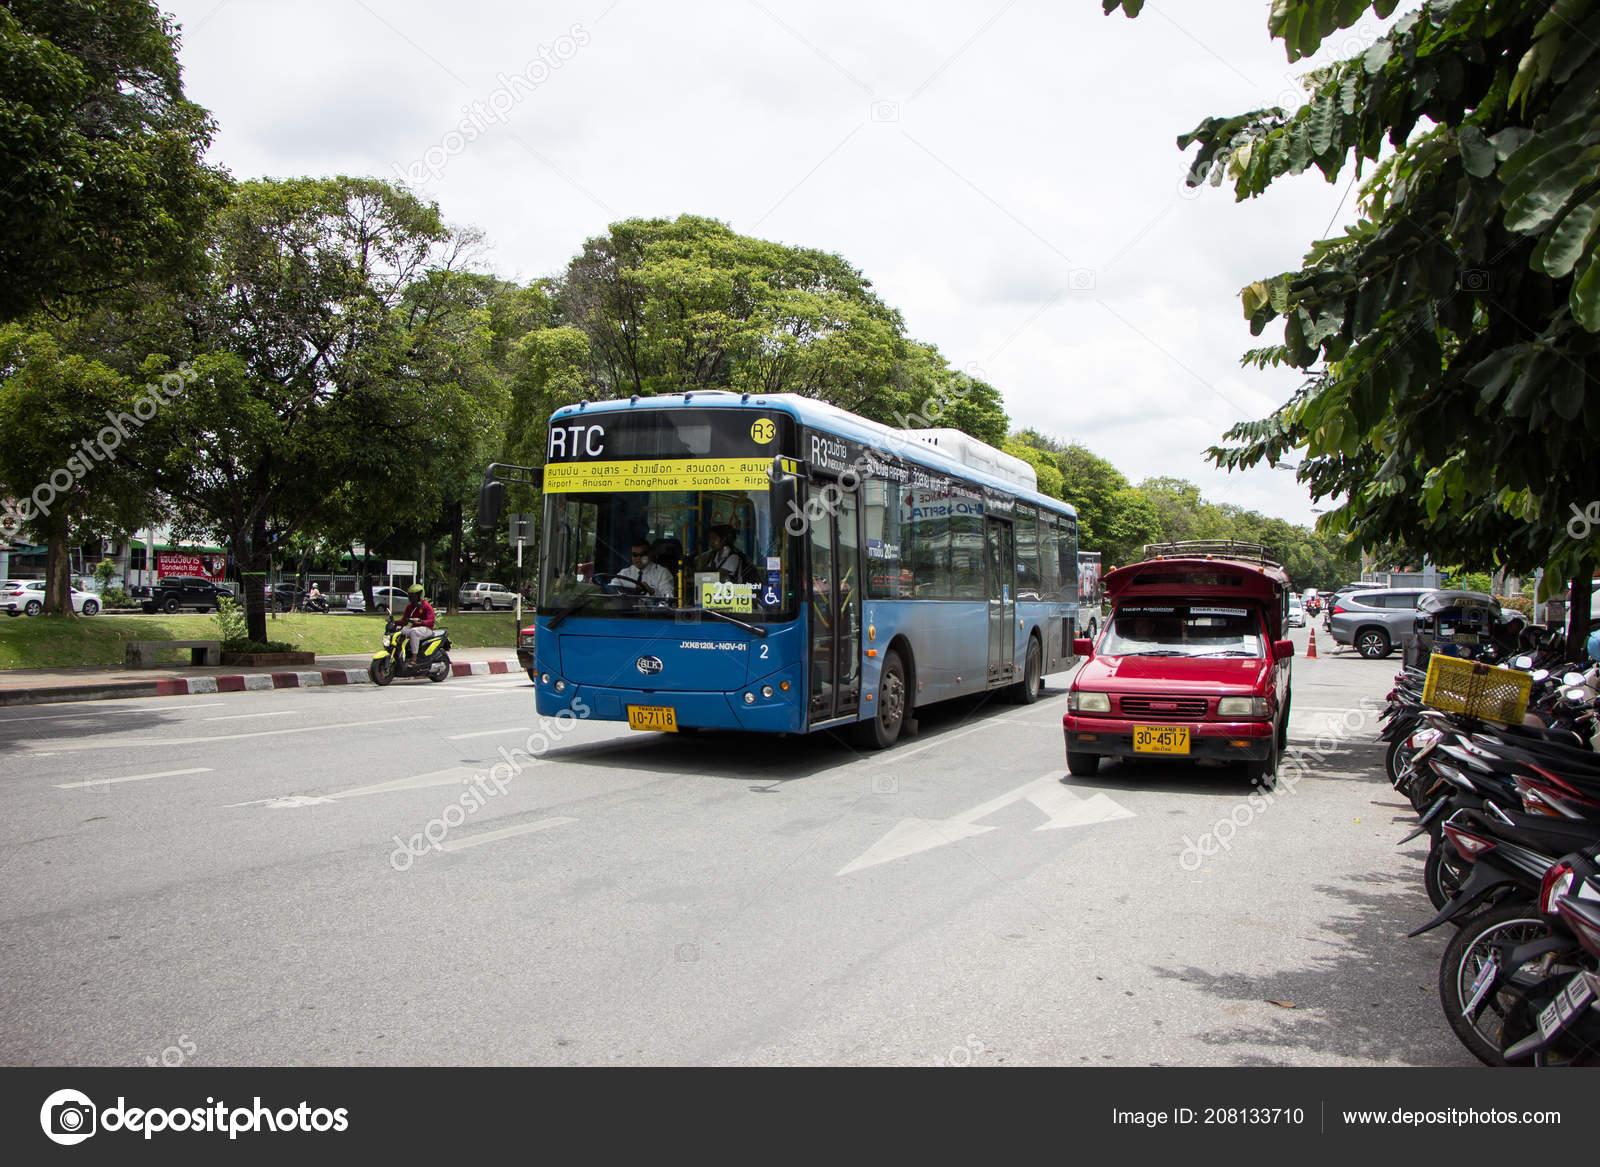 Carte Wifi Thailande.Chiang Mai Thailande Aout 2018 Blk Autobus Rtc Bus Smart Photo